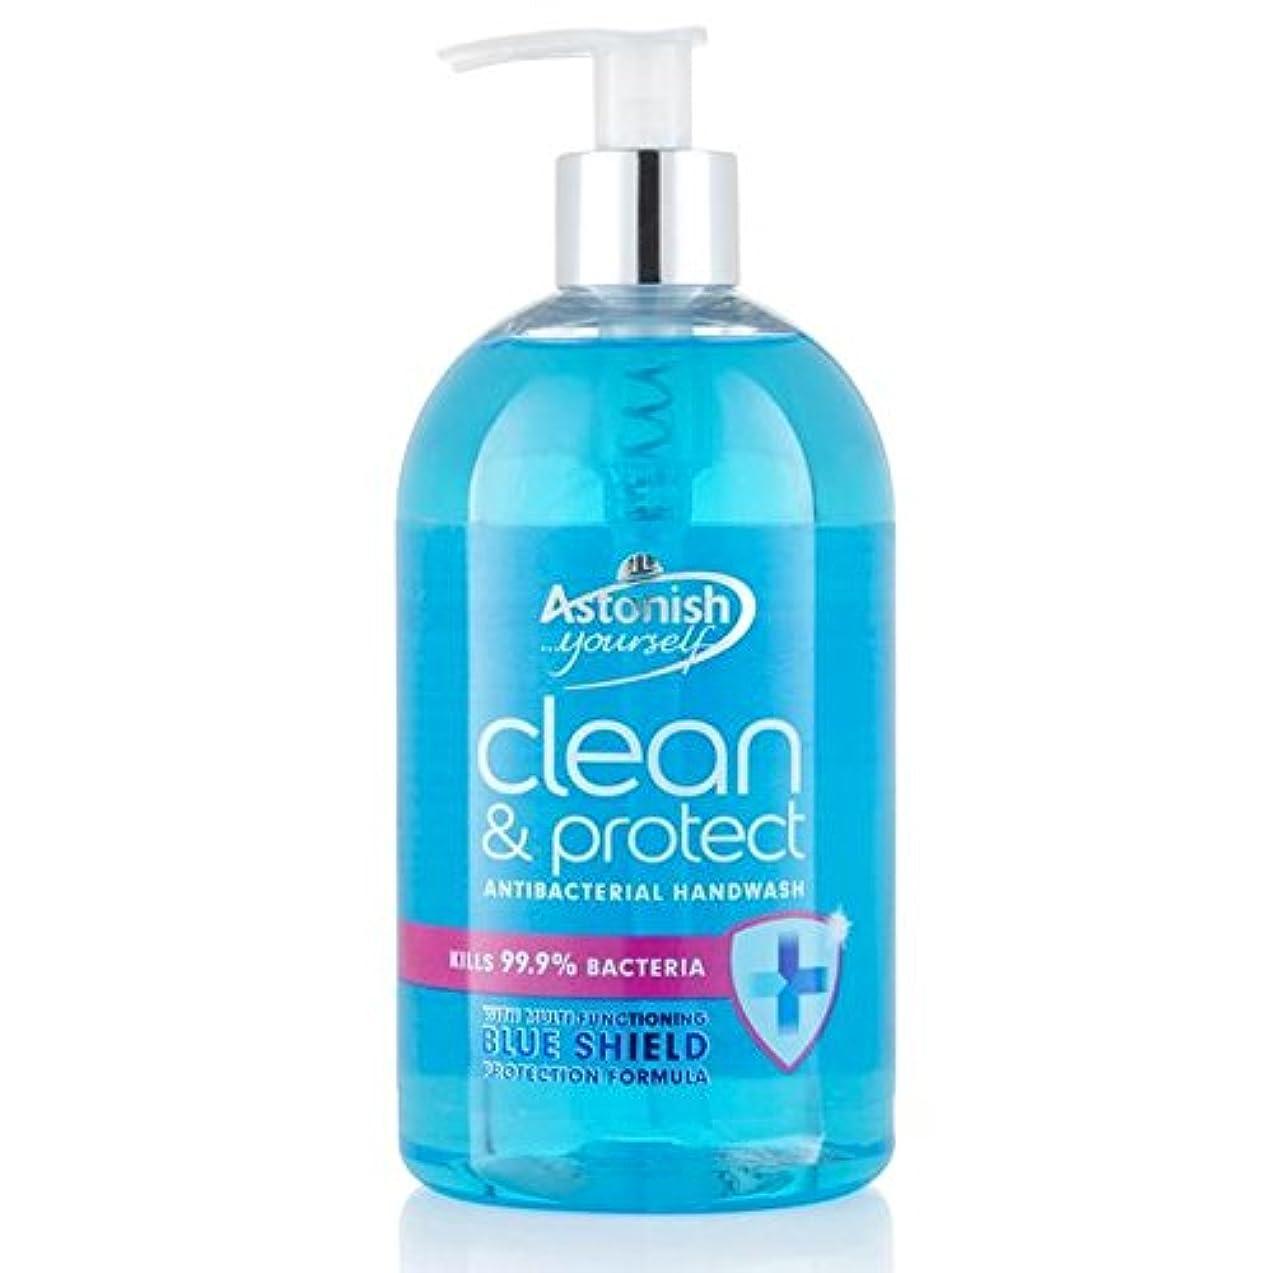 接尾辞のどブームクリーン驚か&ハンドウォッシュ500ミリリットルを保護 x4 - Astonish Clean & Protect Hand Wash 500ml (Pack of 4) [並行輸入品]